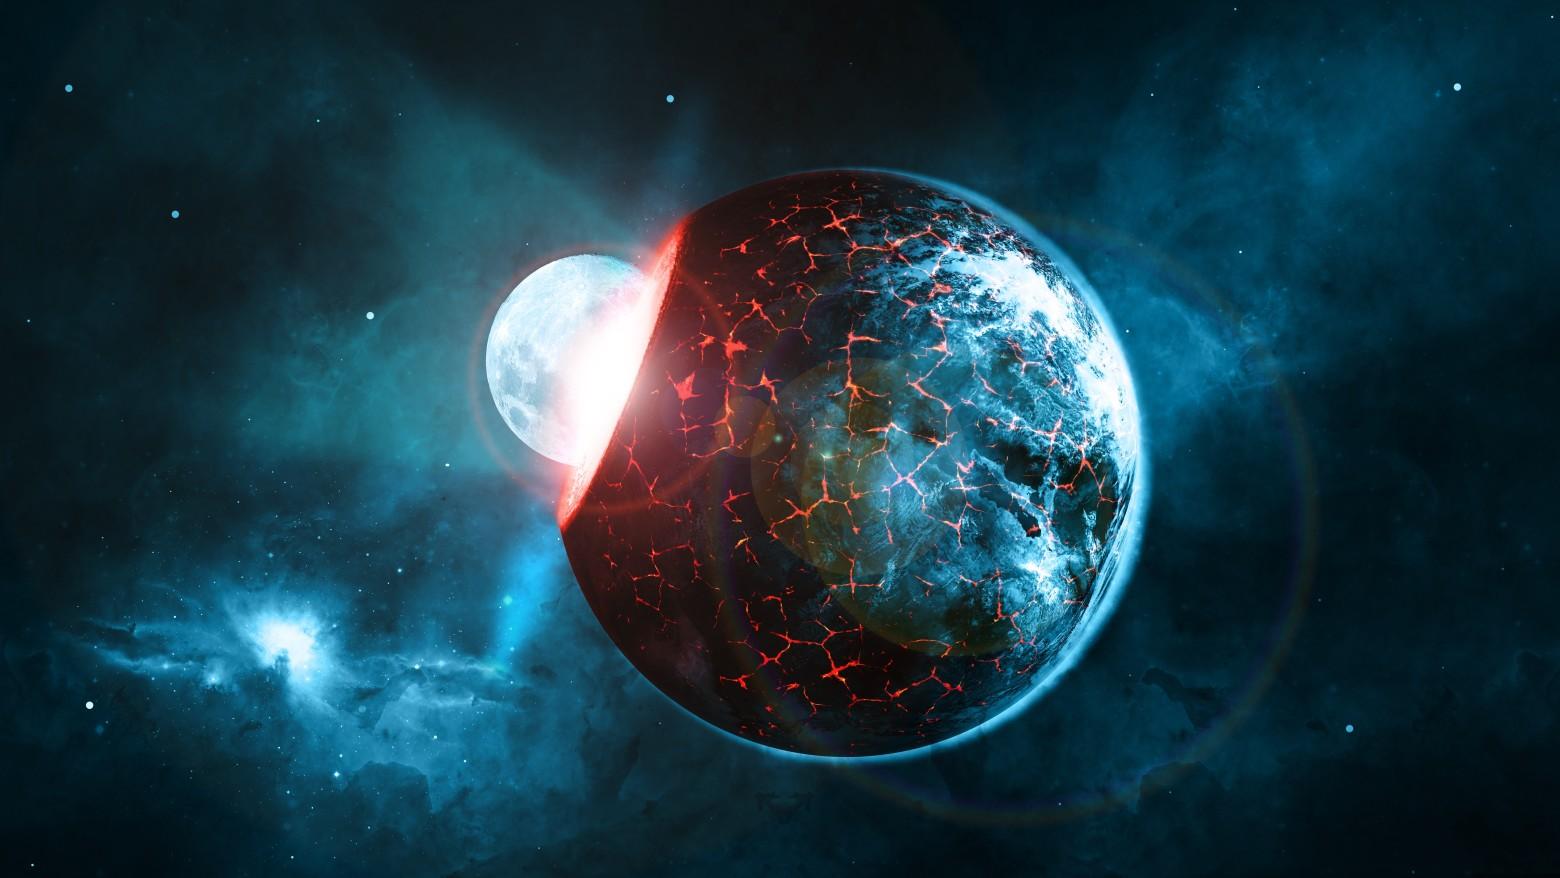 Univers Planete Espace Terre Impact Bing Bang Apocalypse Image Gratuite Images Gratuites Et Libres De Droits